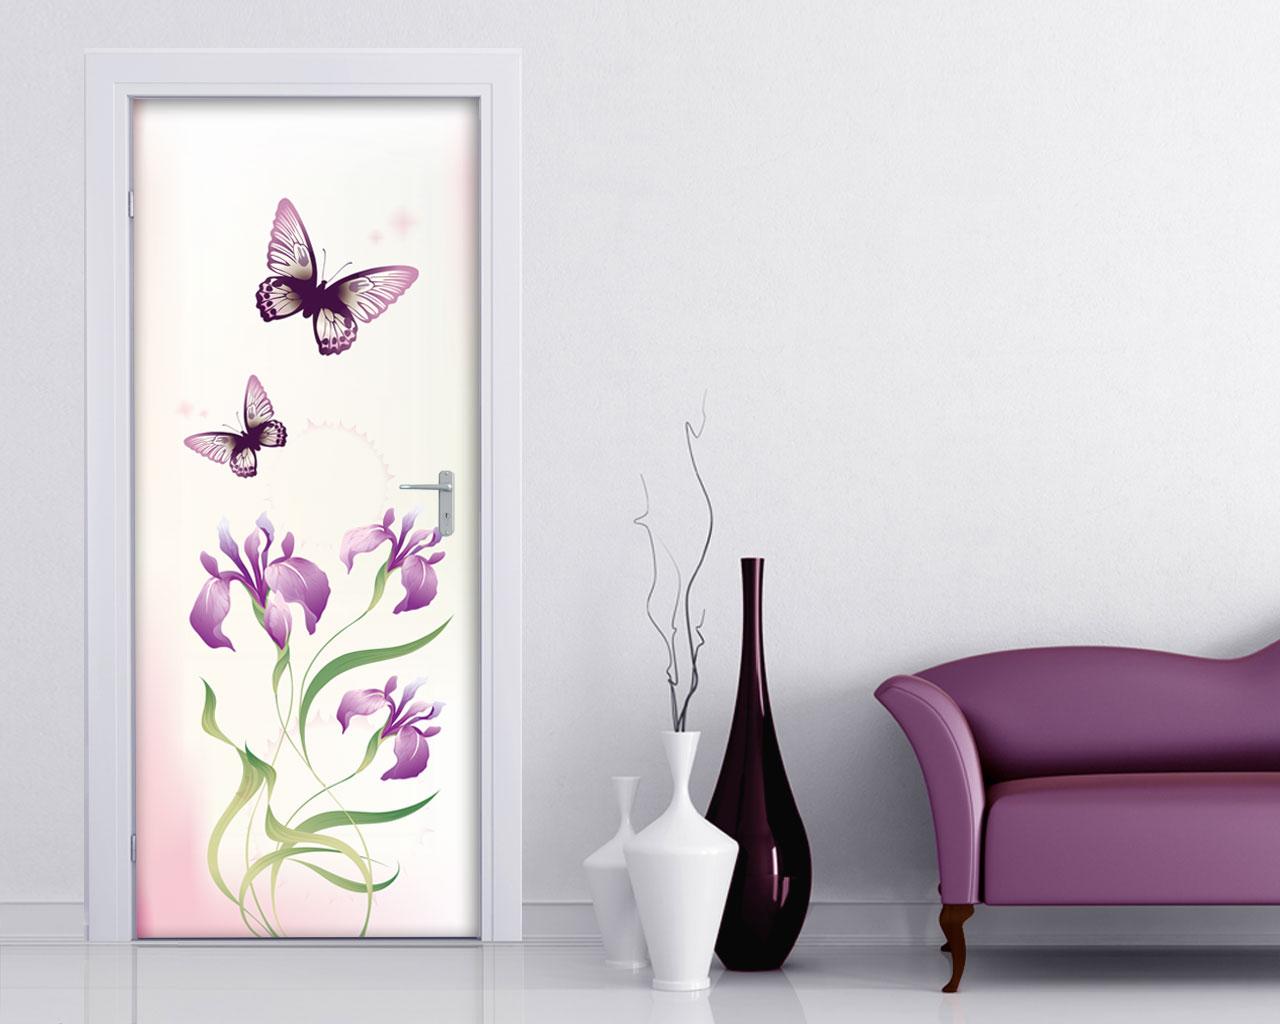 Fiori rosa e farfalle fiori adesivo per porte - Stickers porte interne ...